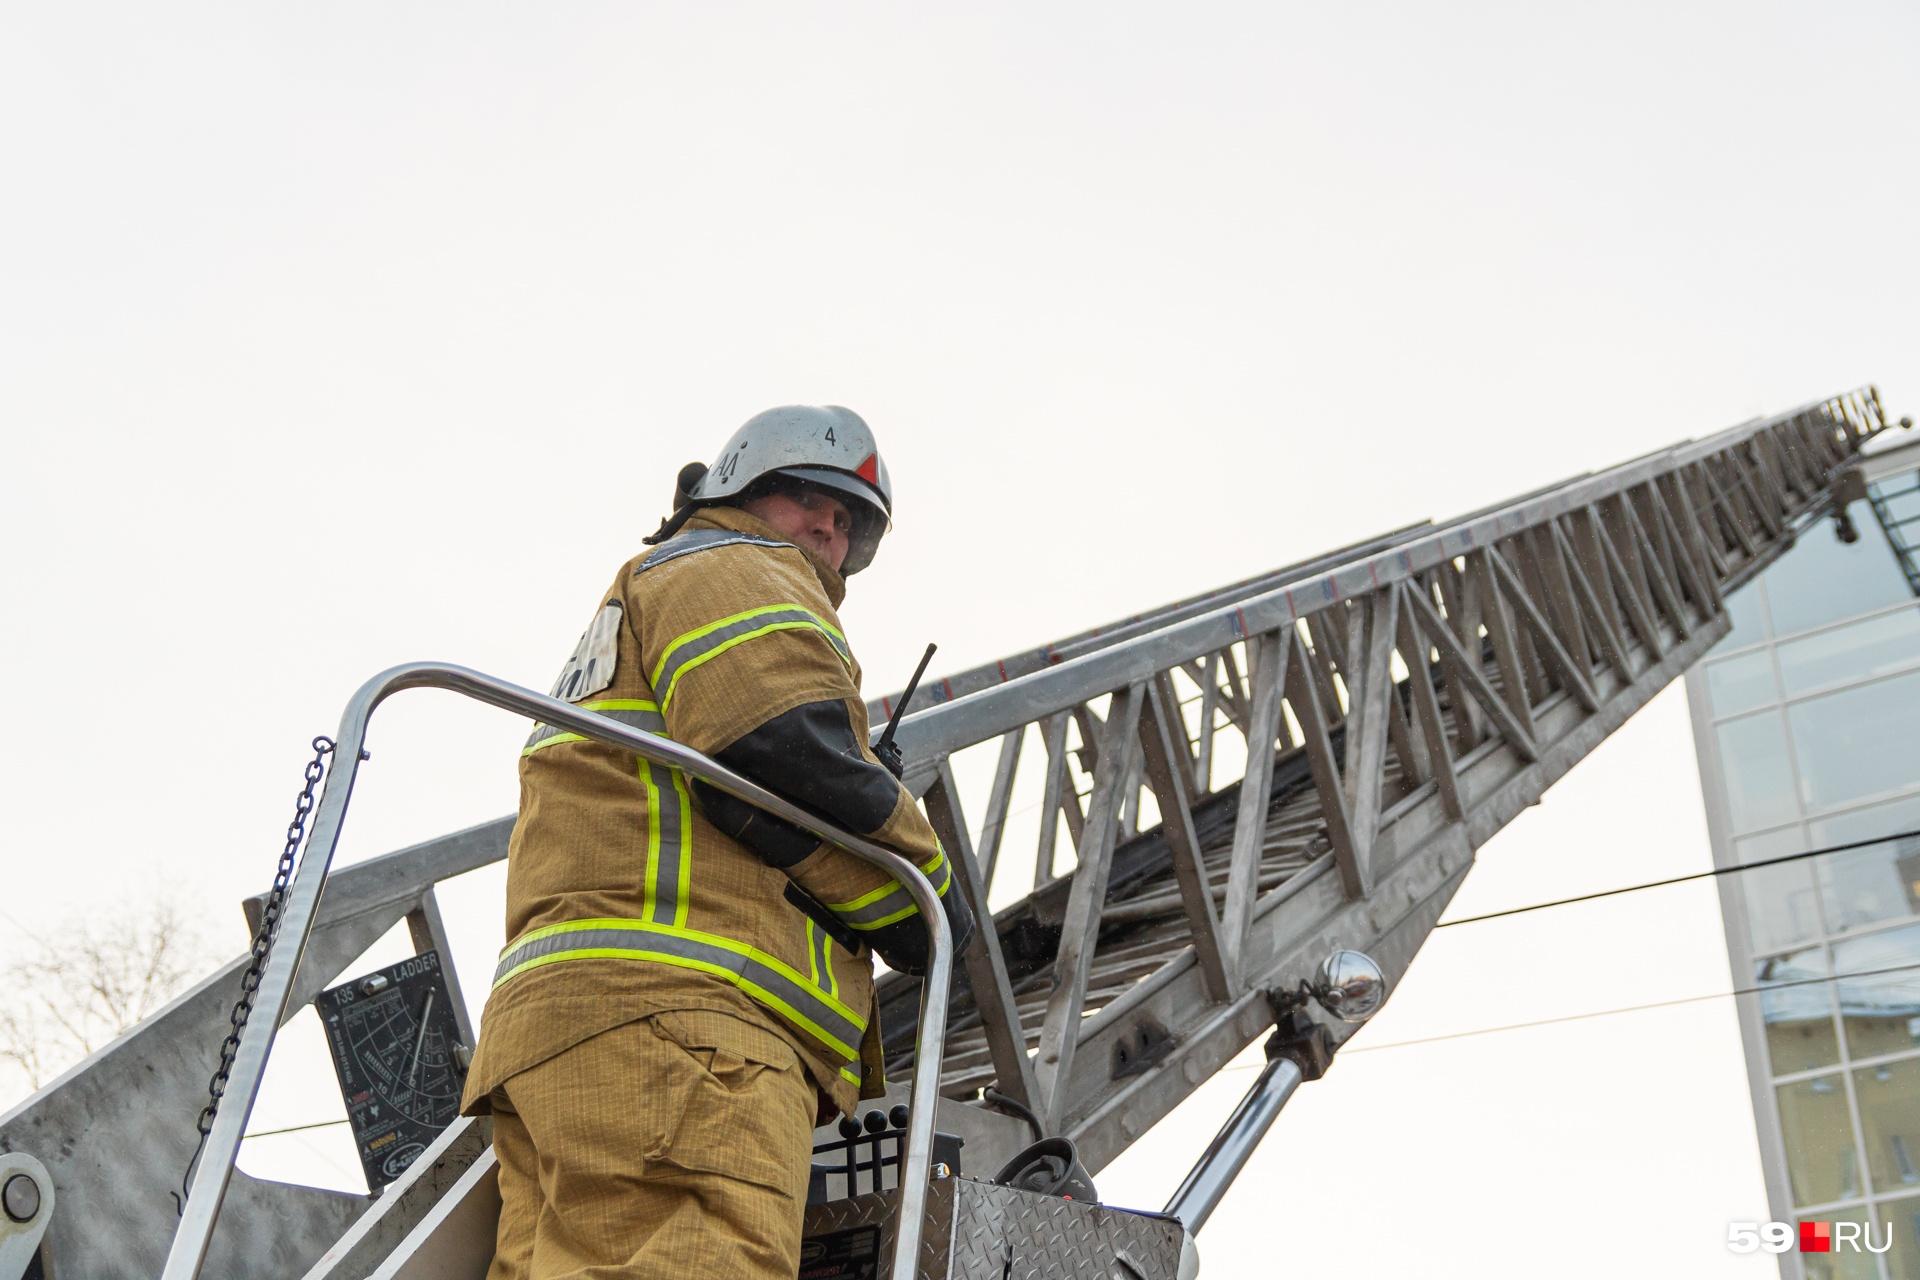 На крышу ТЦ подняли пожарную лестницу